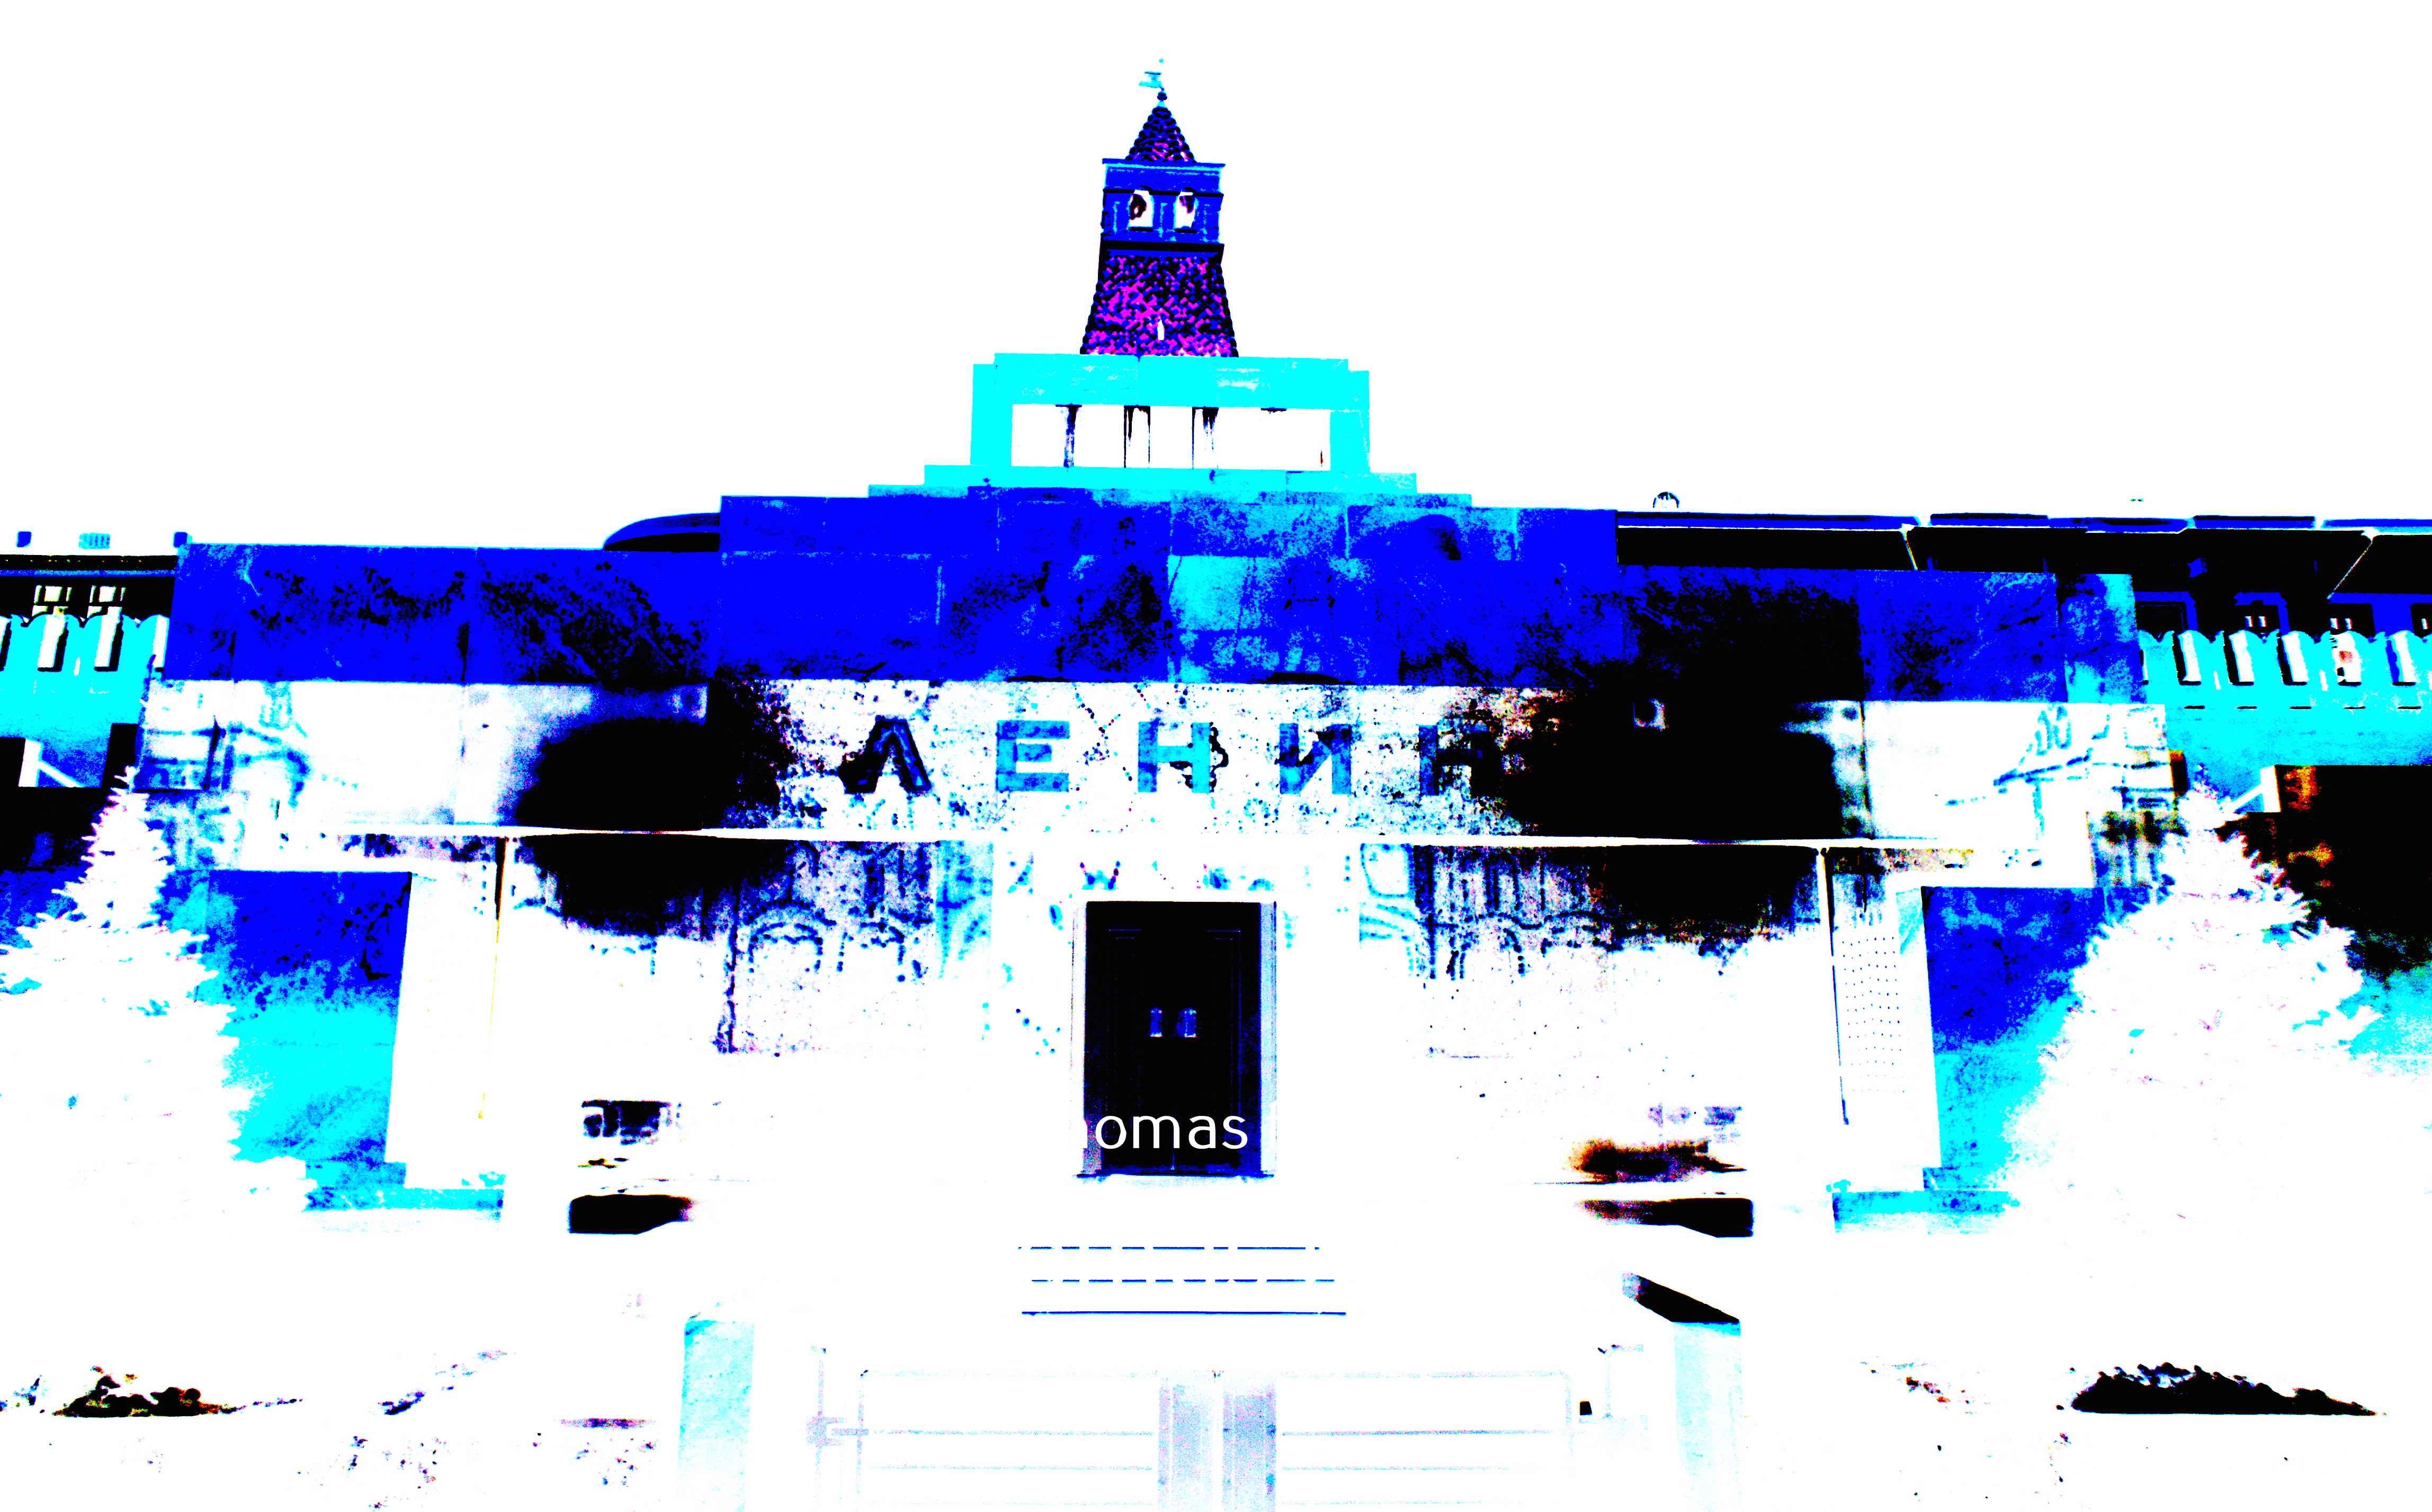 leninmausoleum nachts blauweiß rotarier